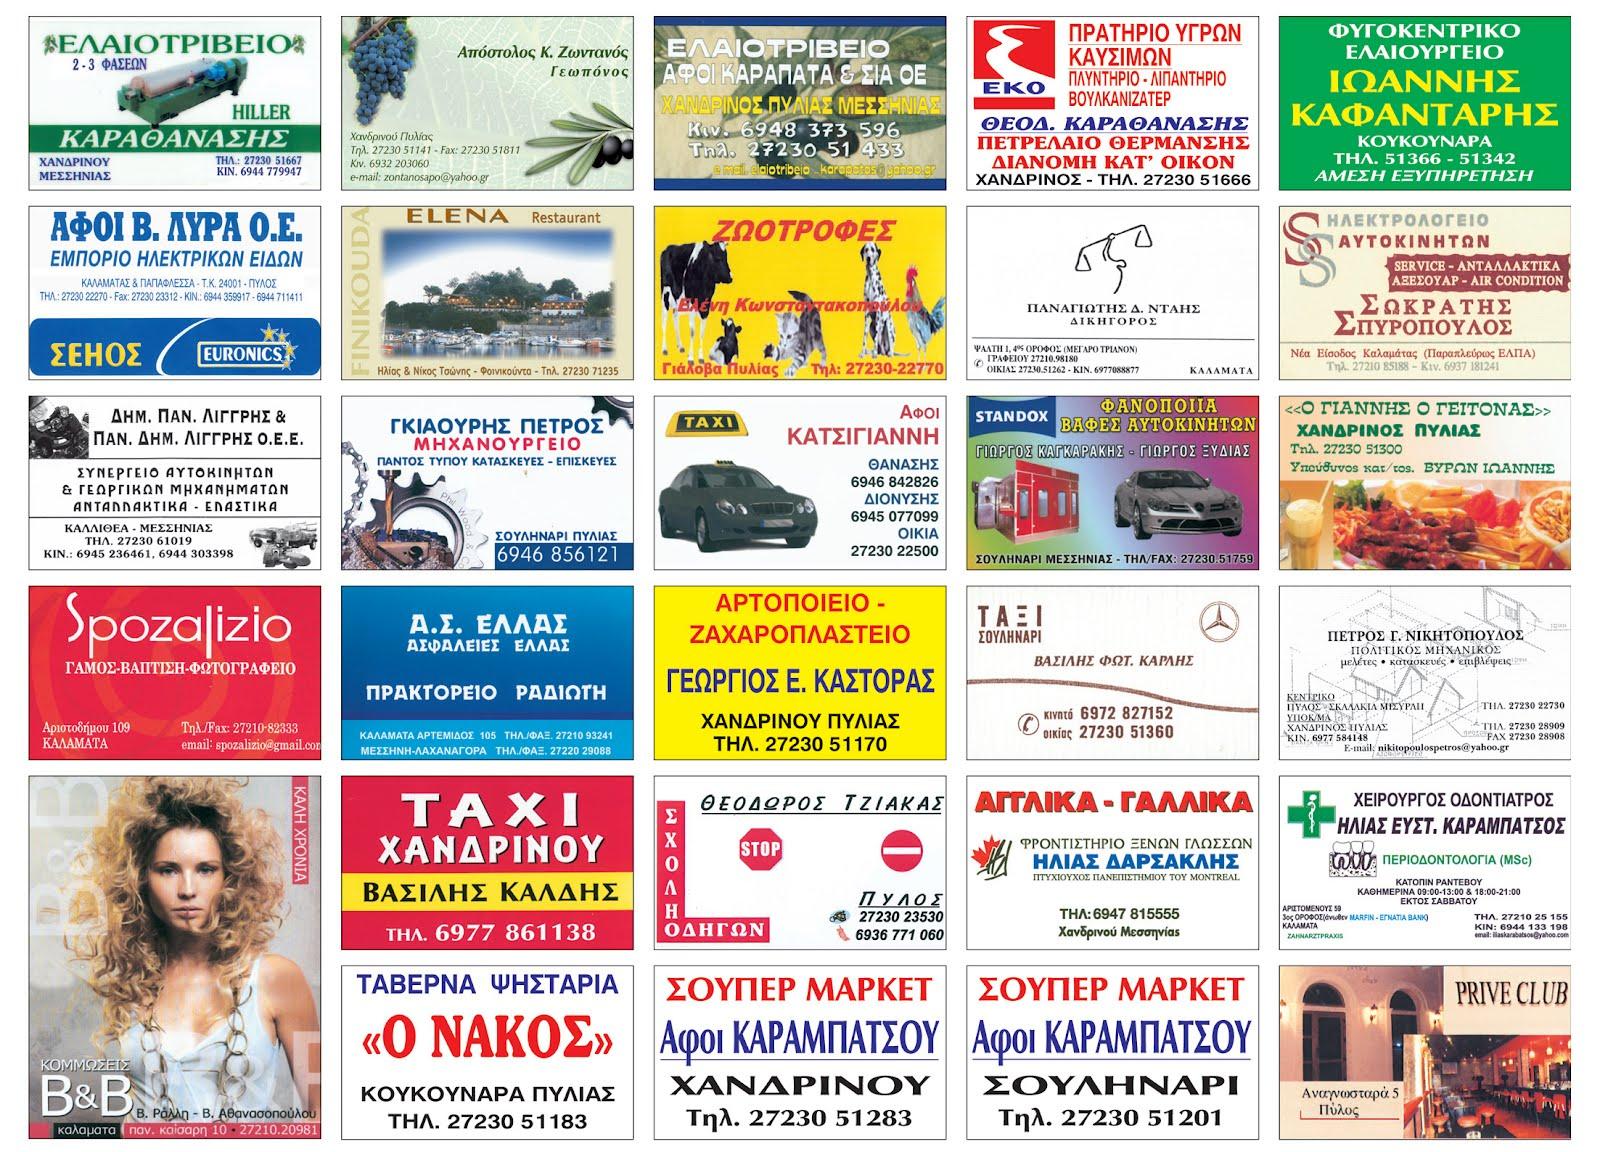 ΟΙ ΧΟΡΗΓΟΙ ΜΑΣ 2012-13